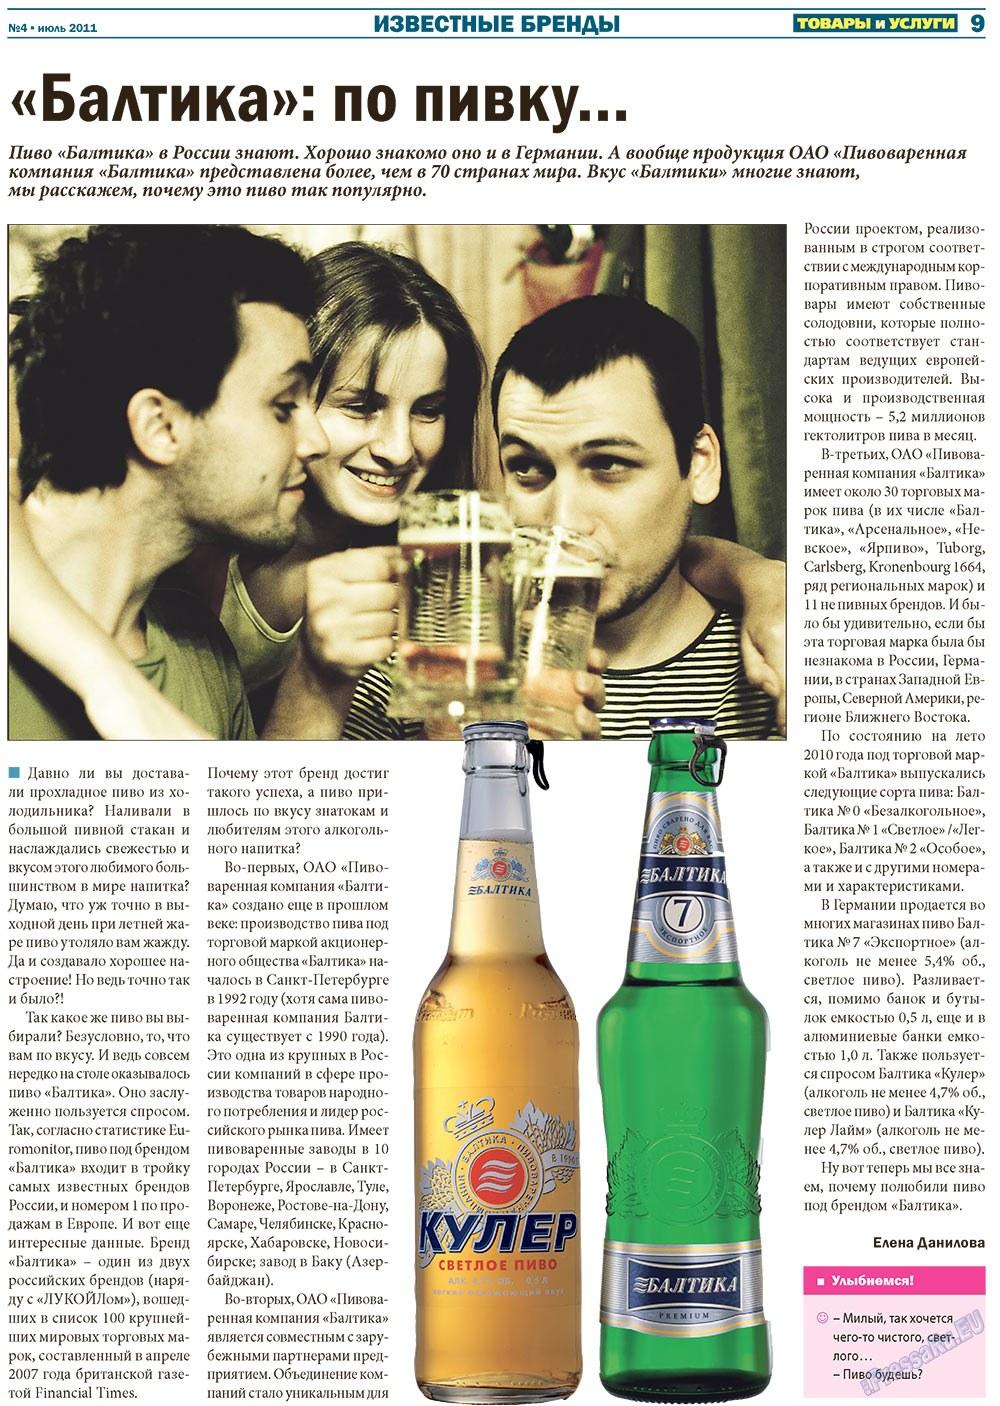 Товары и услуги (газета). 2011 год, номер 4, стр. 9